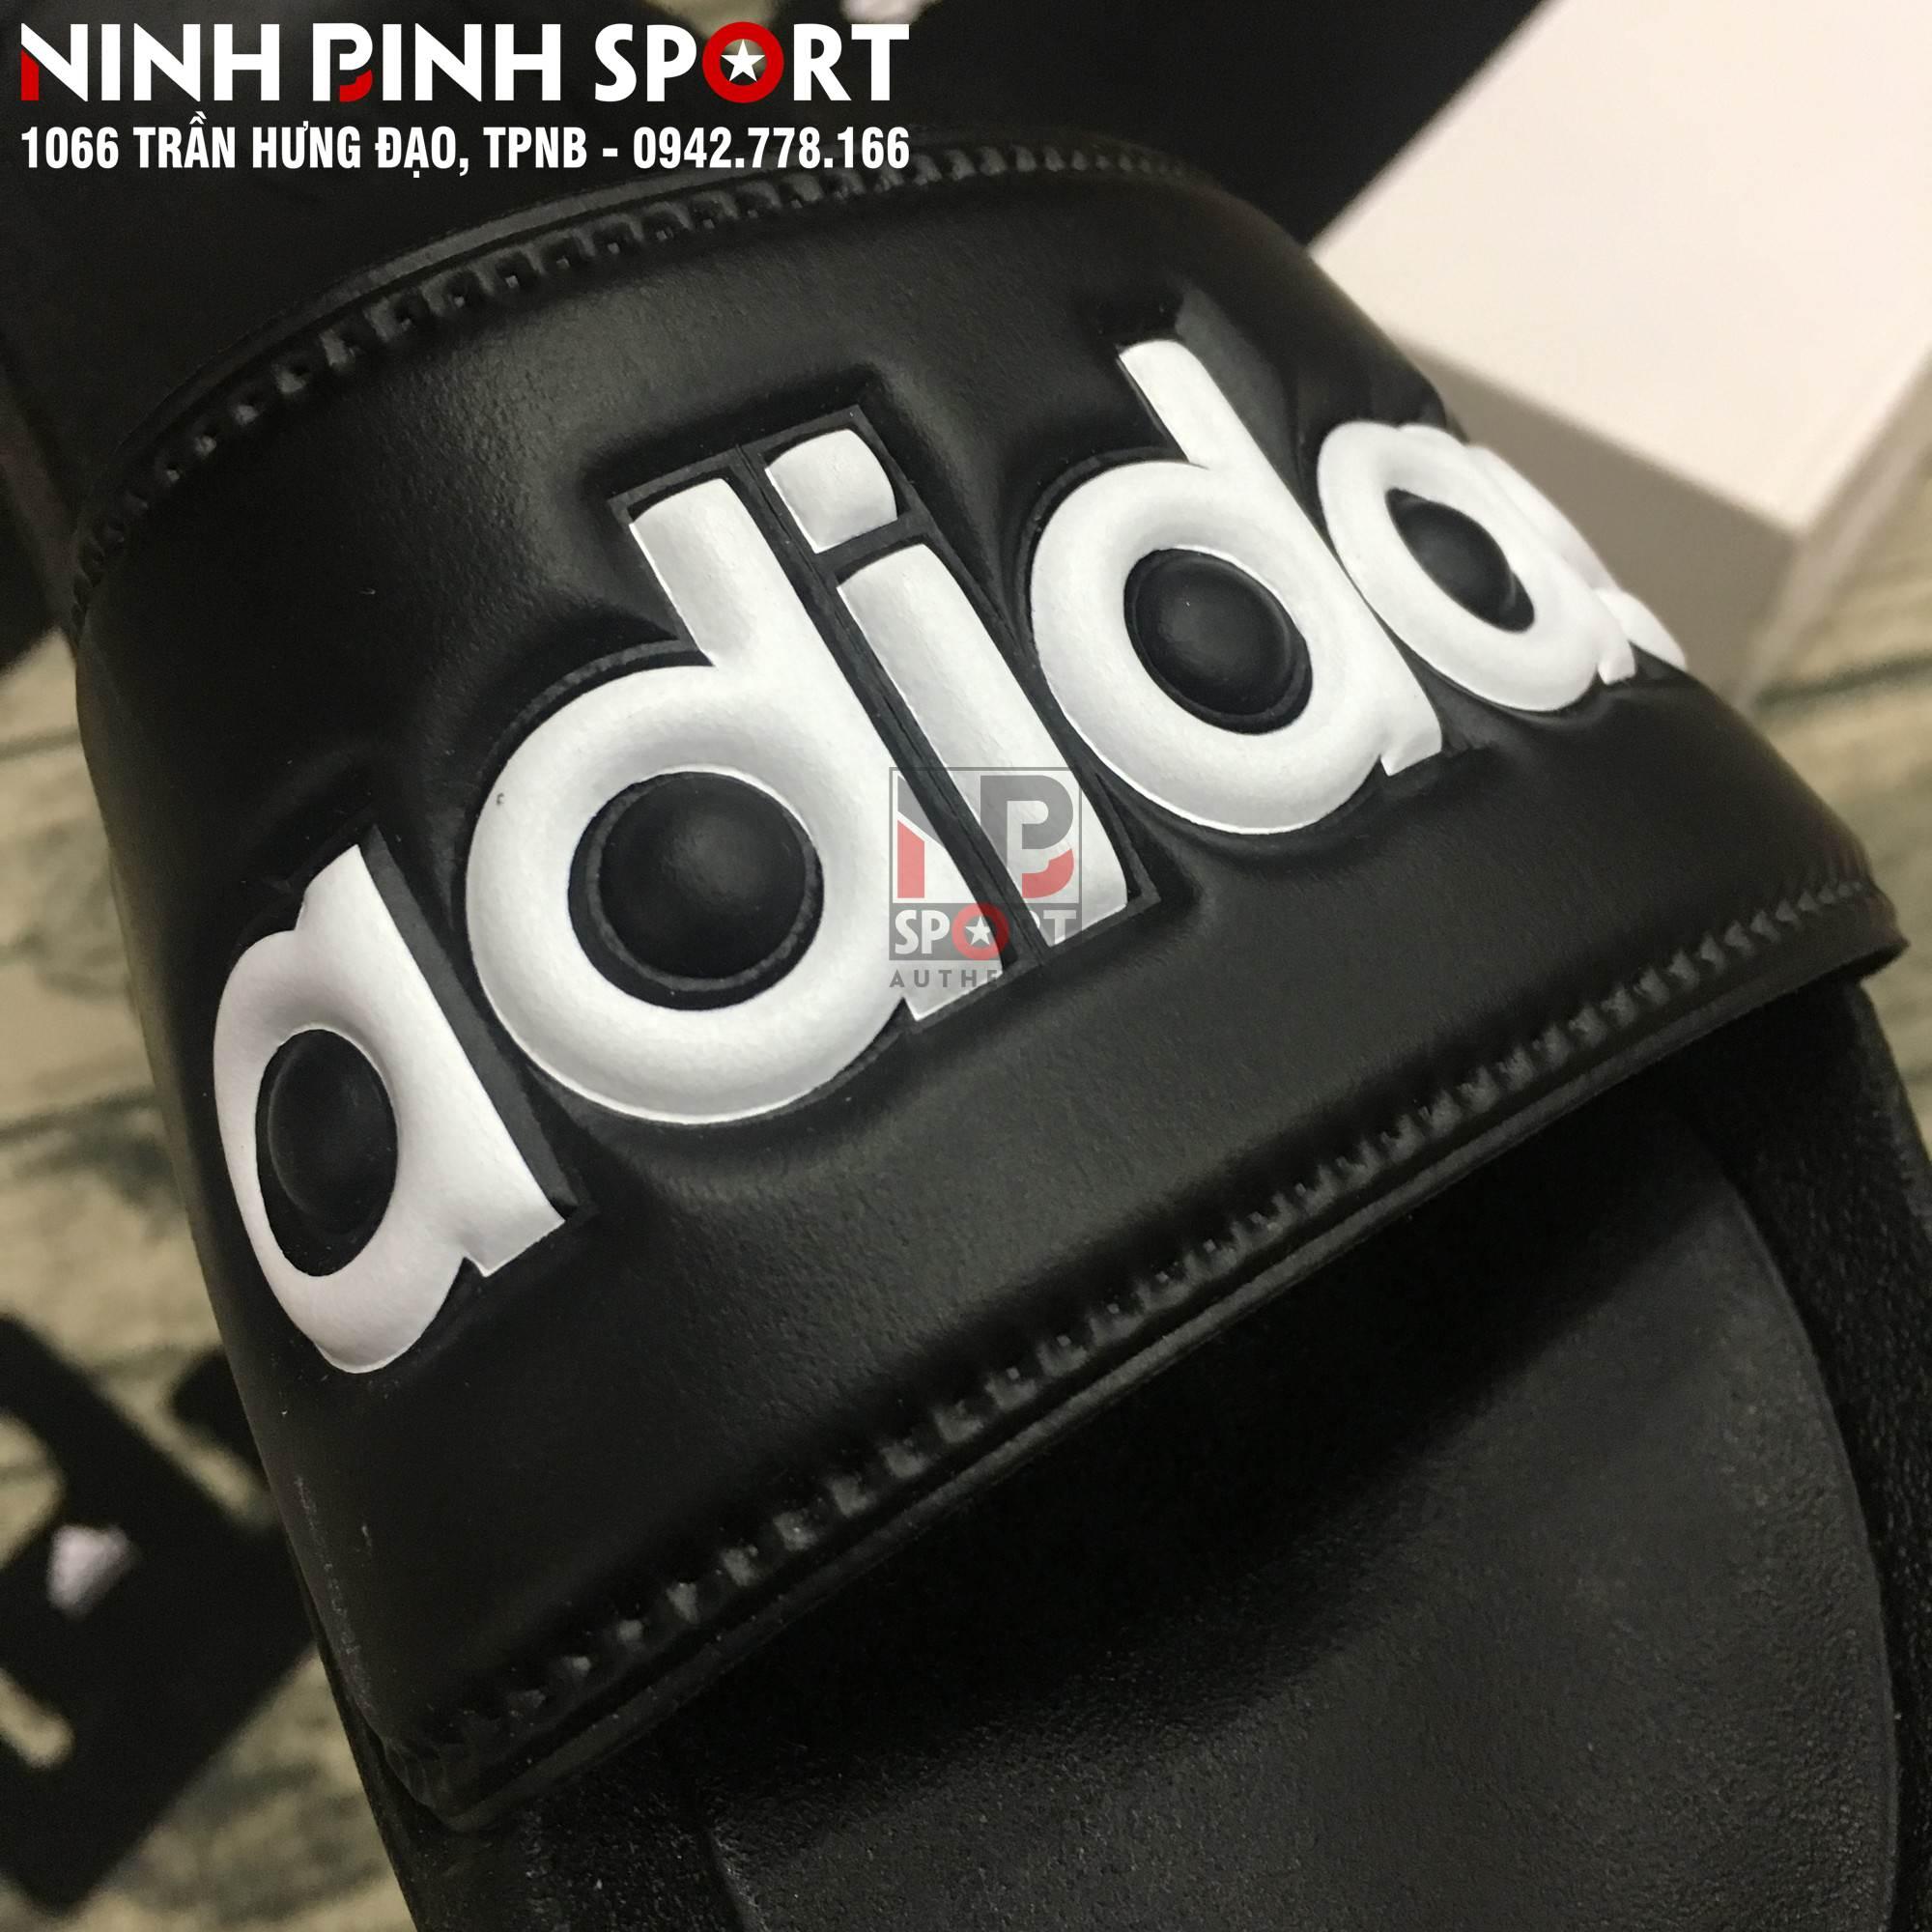 Dép thể thao nam Adidas AQ4757